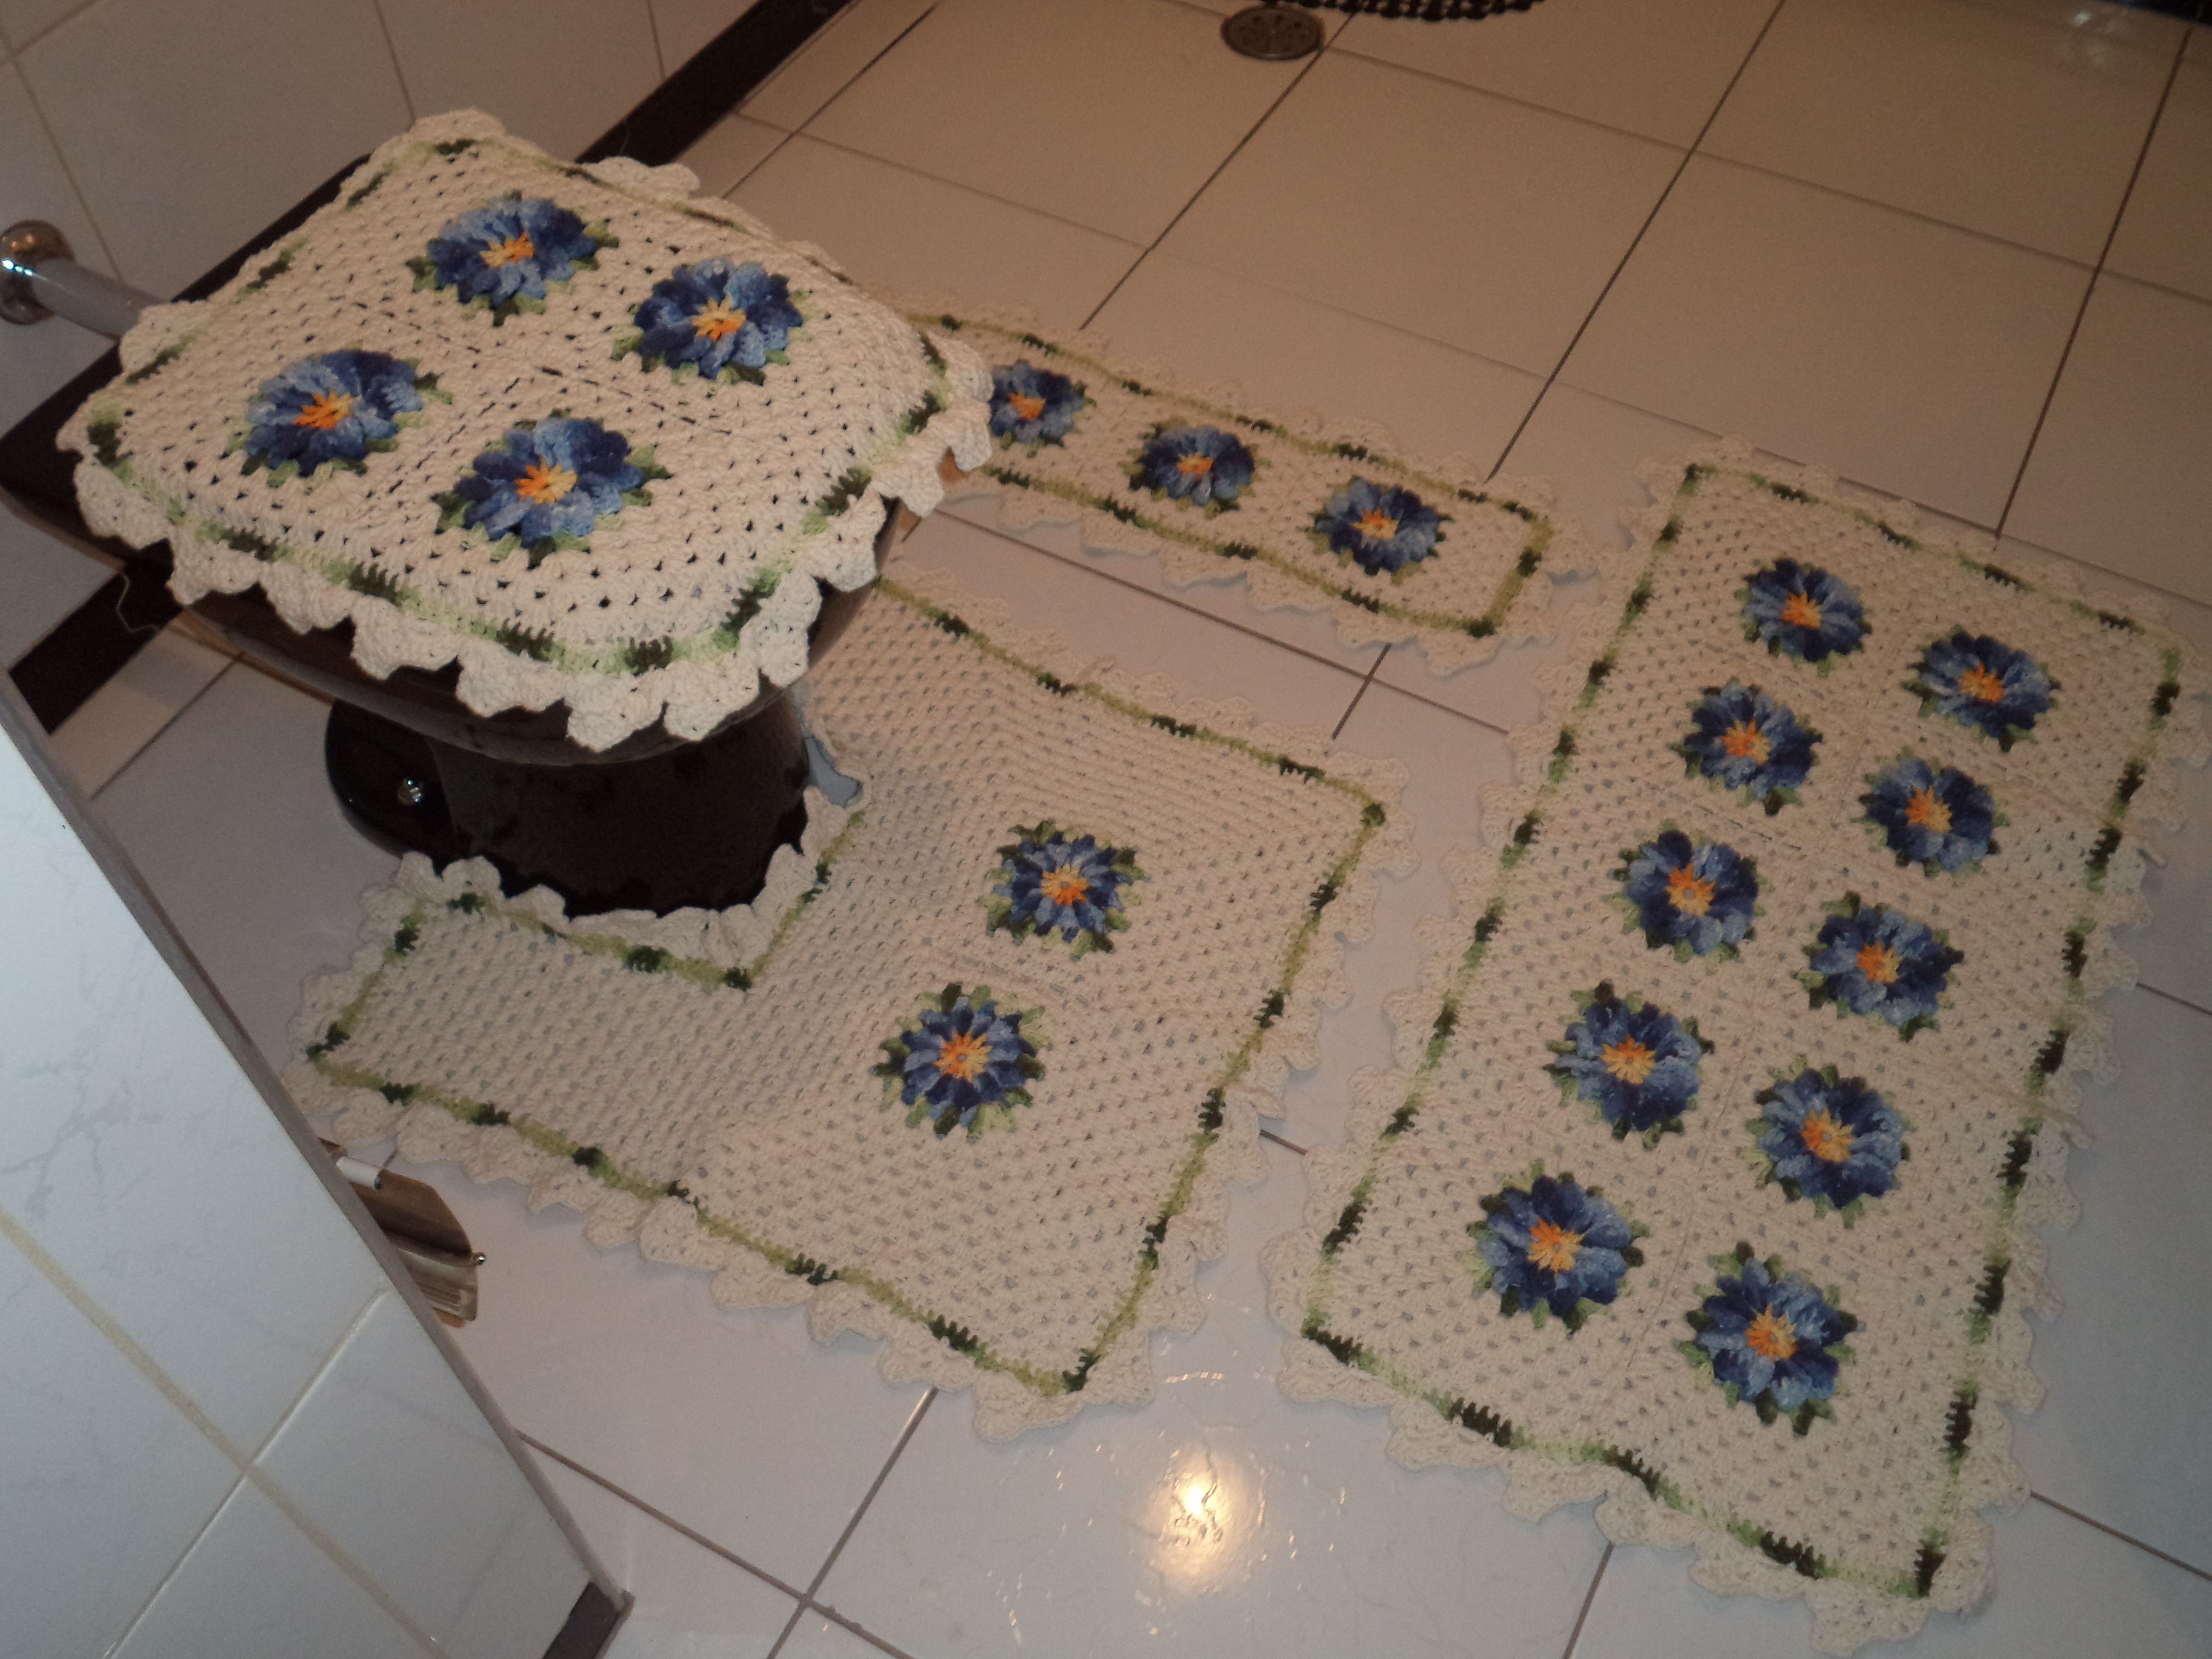 kit jogo de banheiro azul floral jogo para banheiro floral #886543 4608 3456